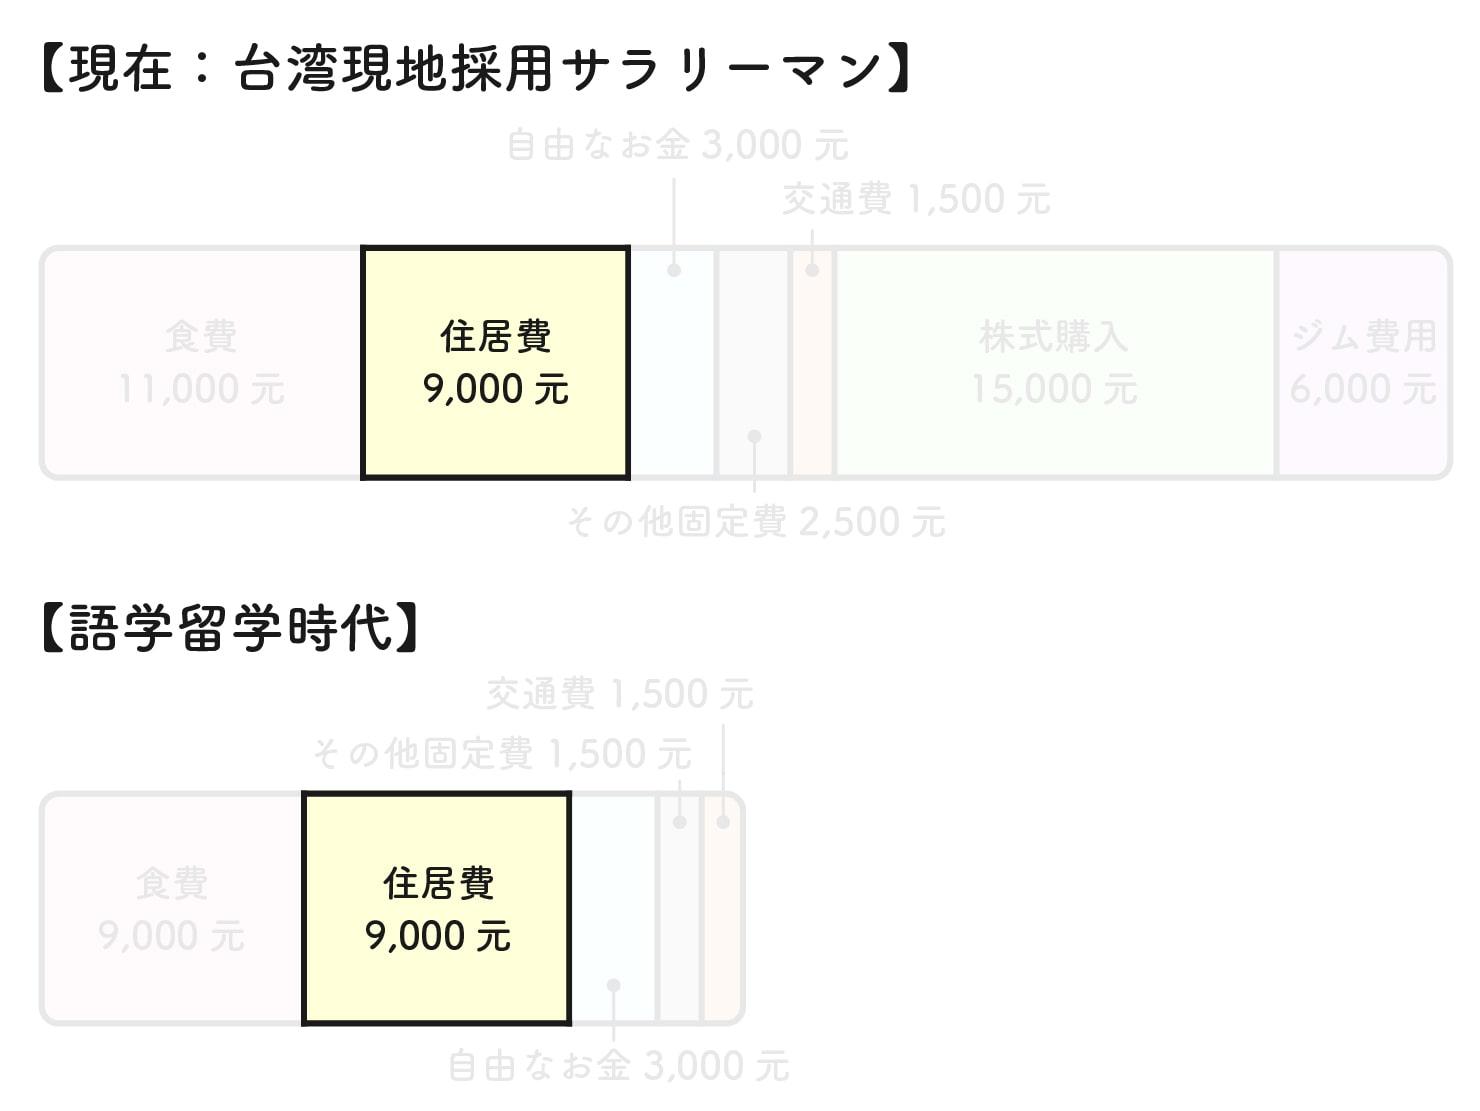 31歳日本男子の台湾での生活費グラフ(住居費)